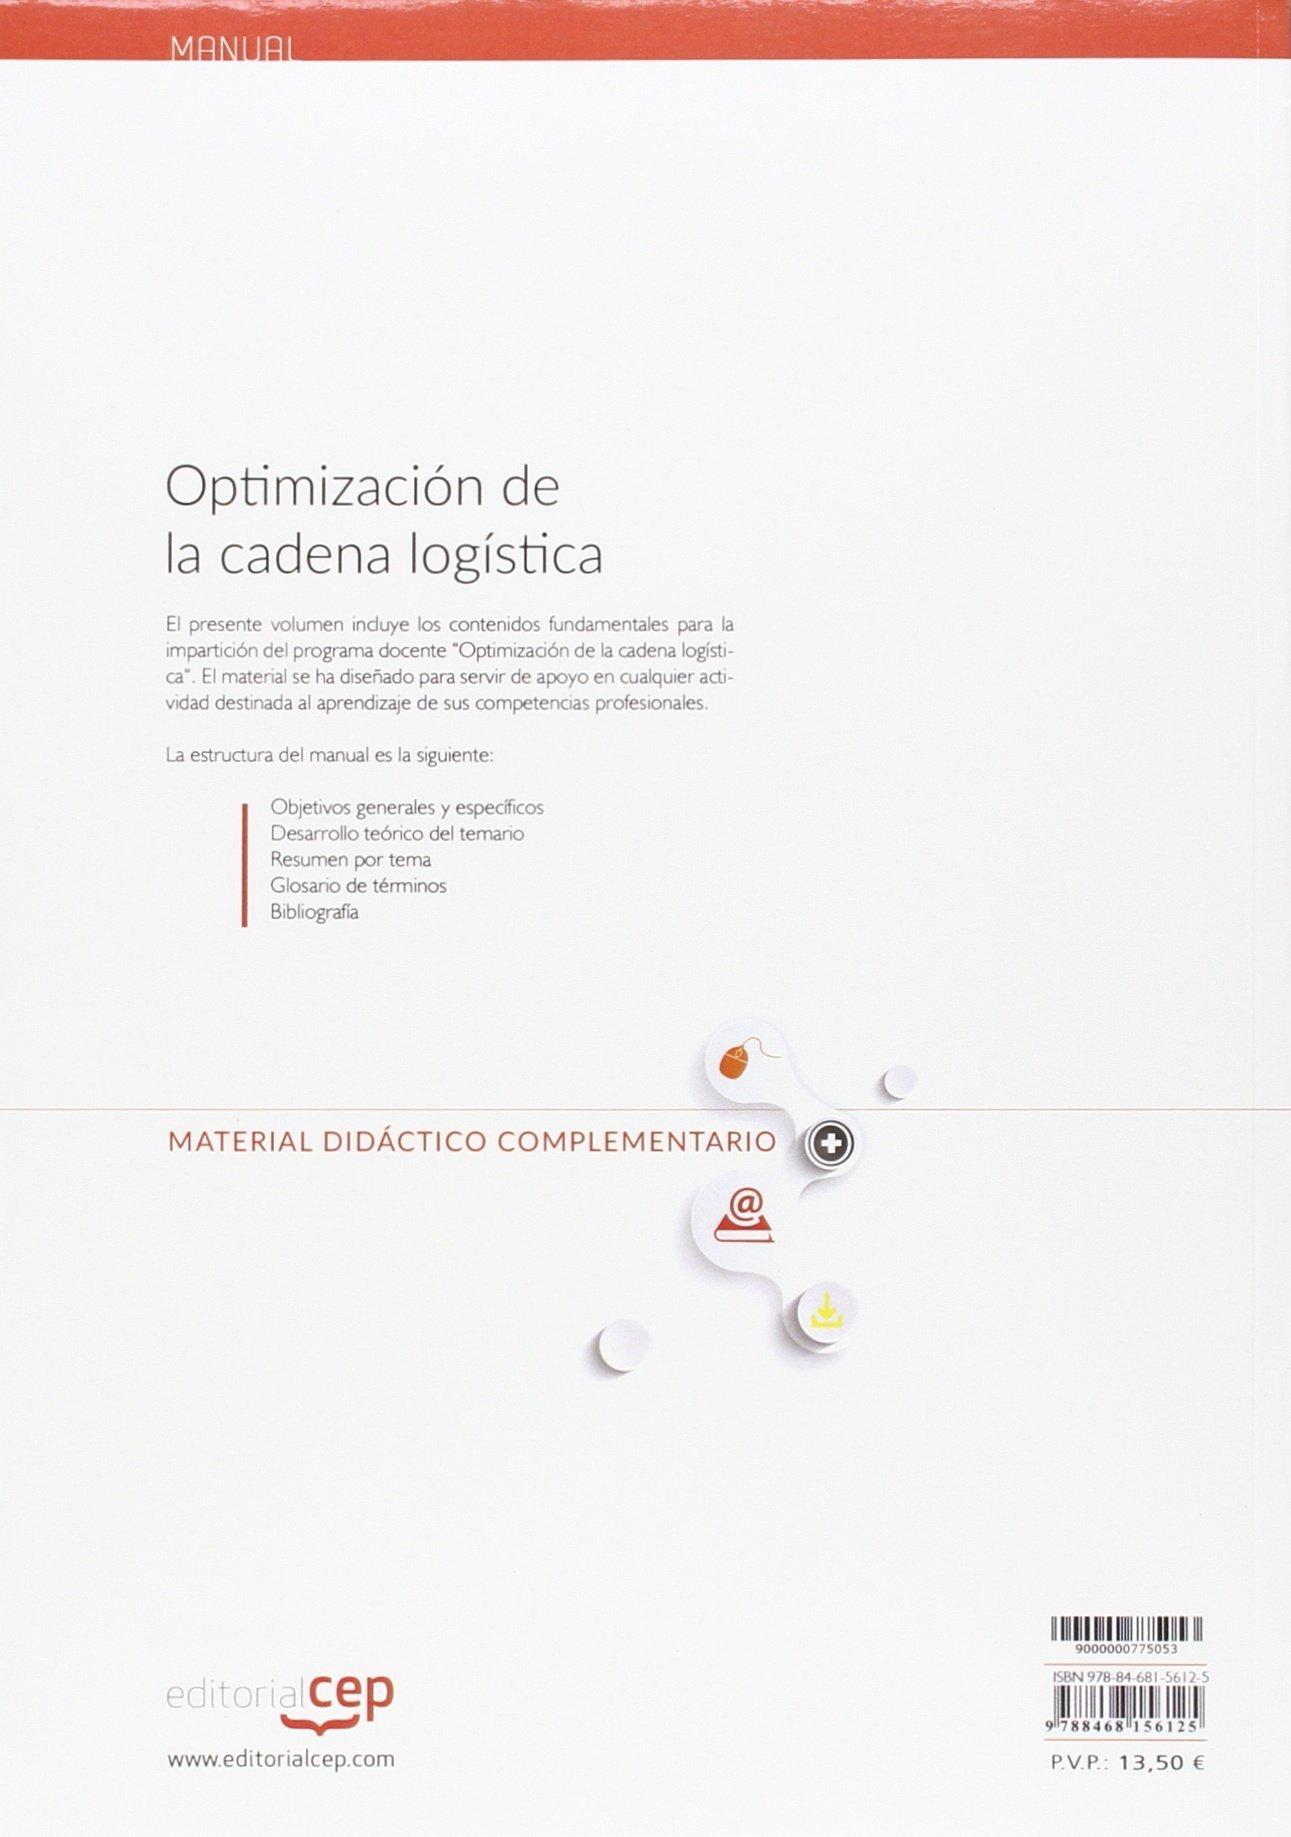 Optimización de la cadena logística. Manual teórico: Amazon.es ...